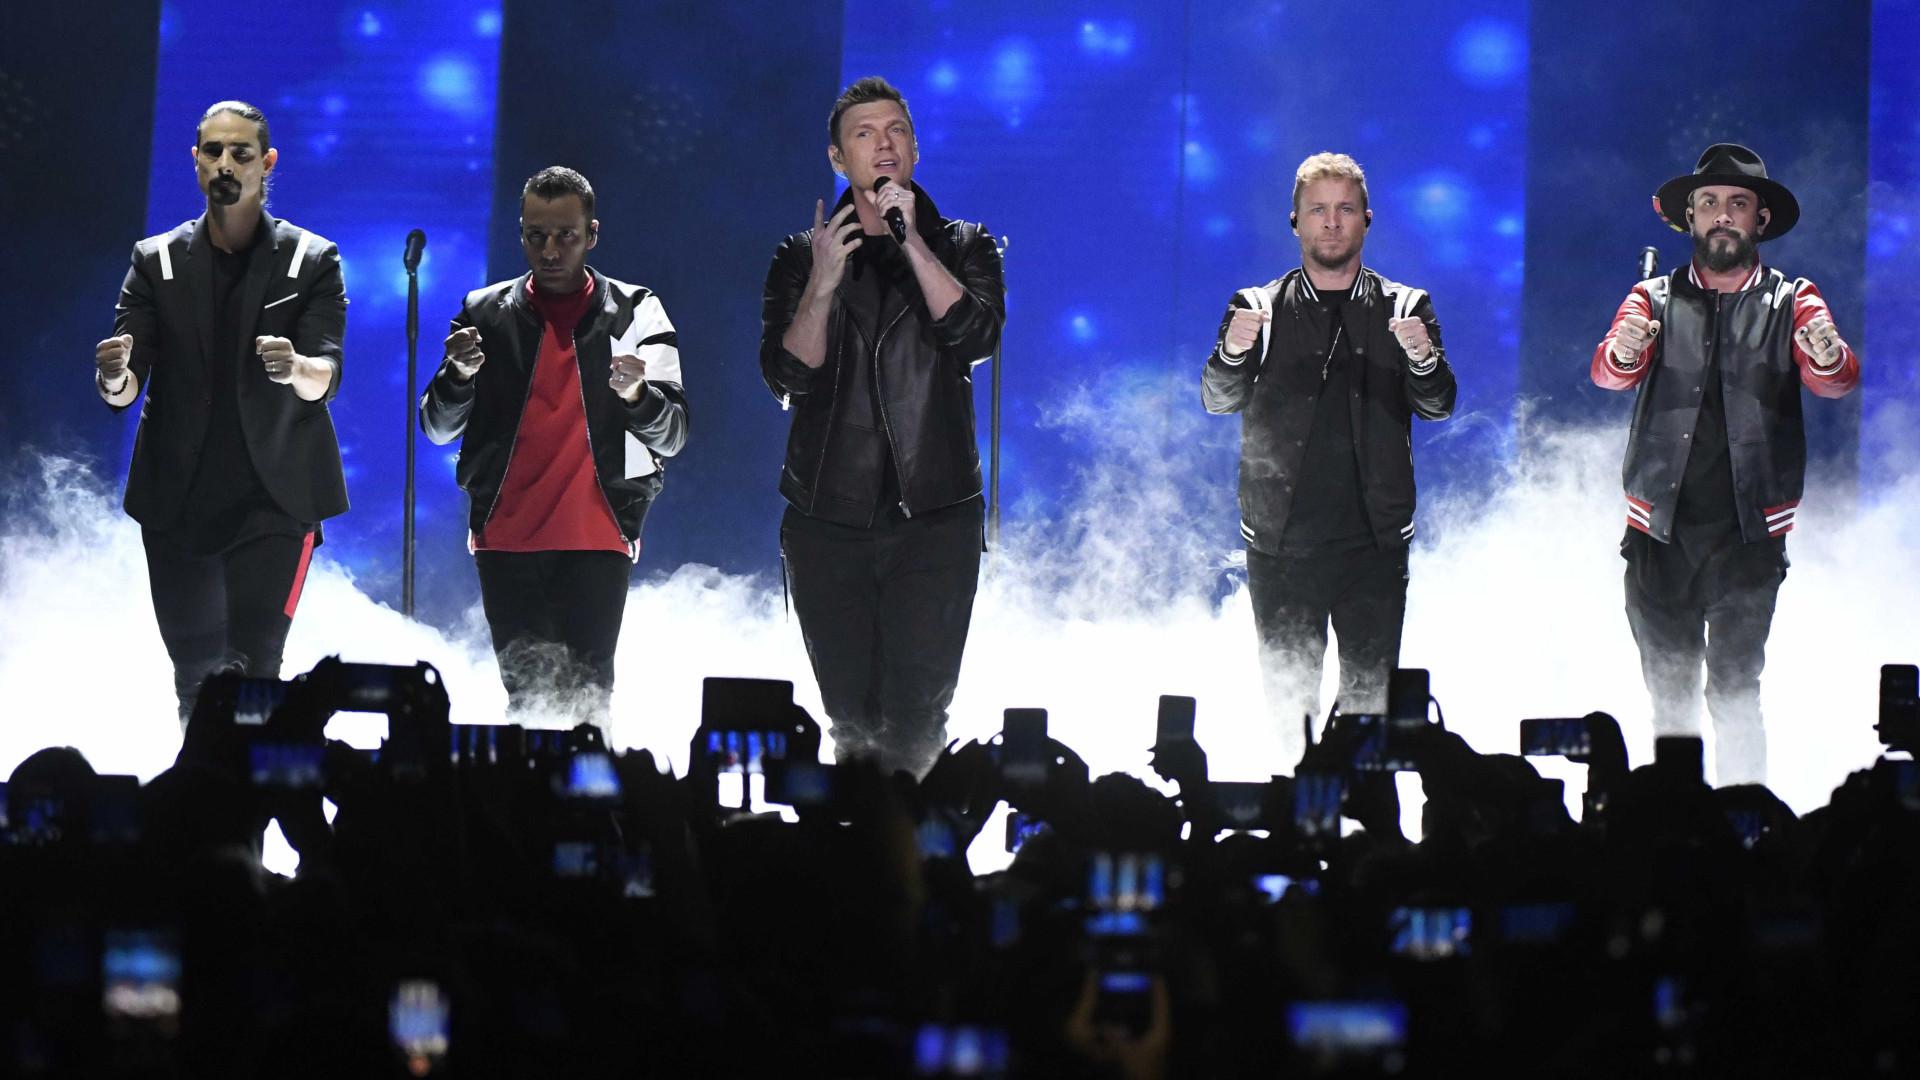 Acidente em show dos Backstreet Boys, nos EUA, deixa vários feridos